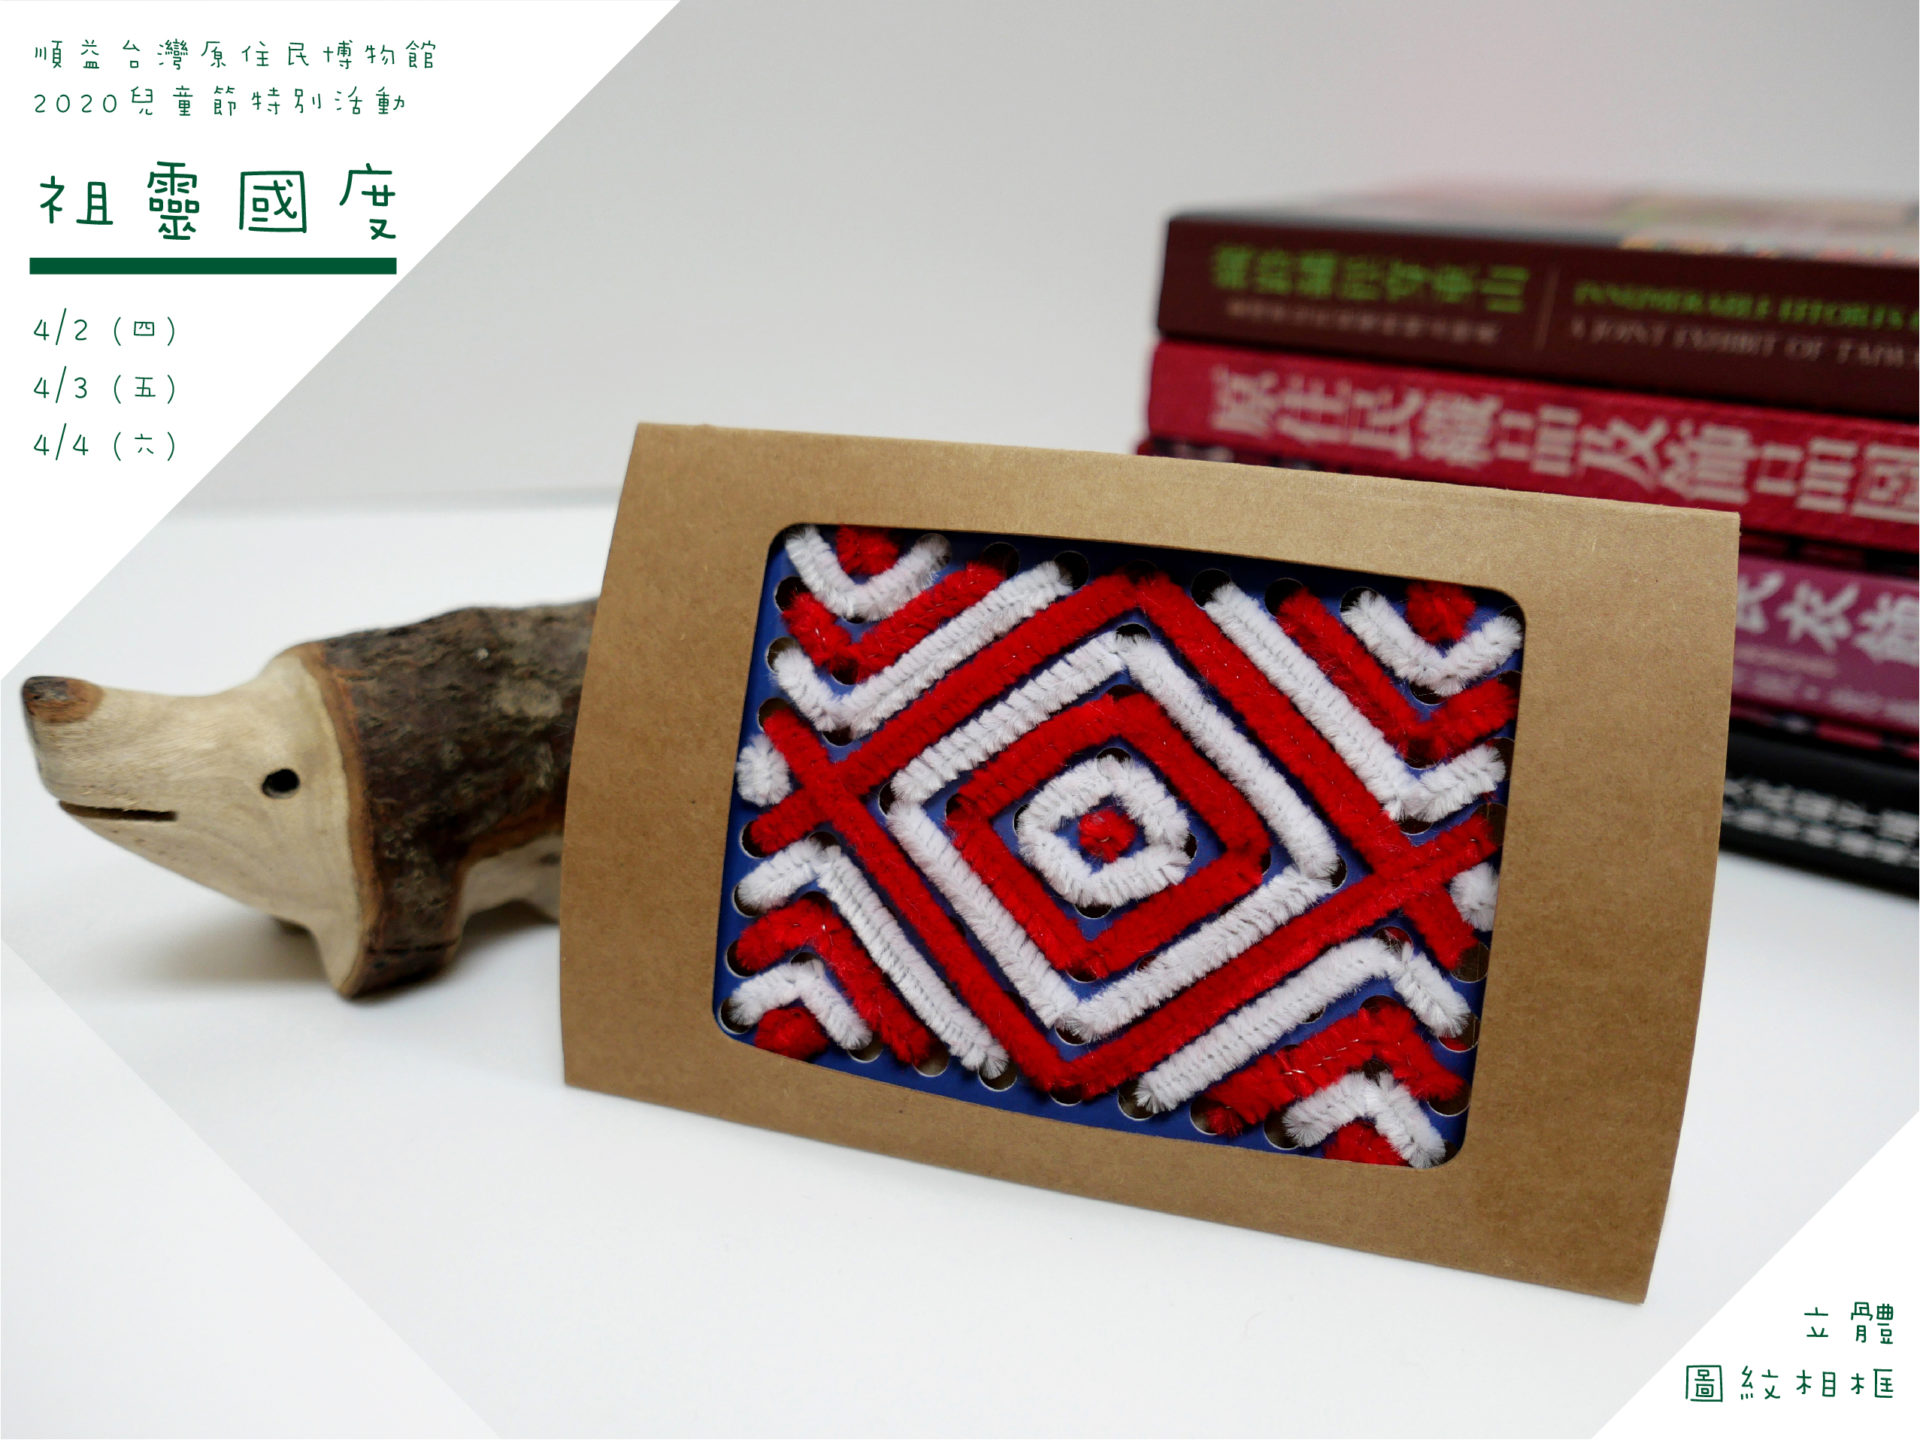 順益台灣原住民博物館:2020/4/2-4/4【祖靈國度】(兒童節特別活動)